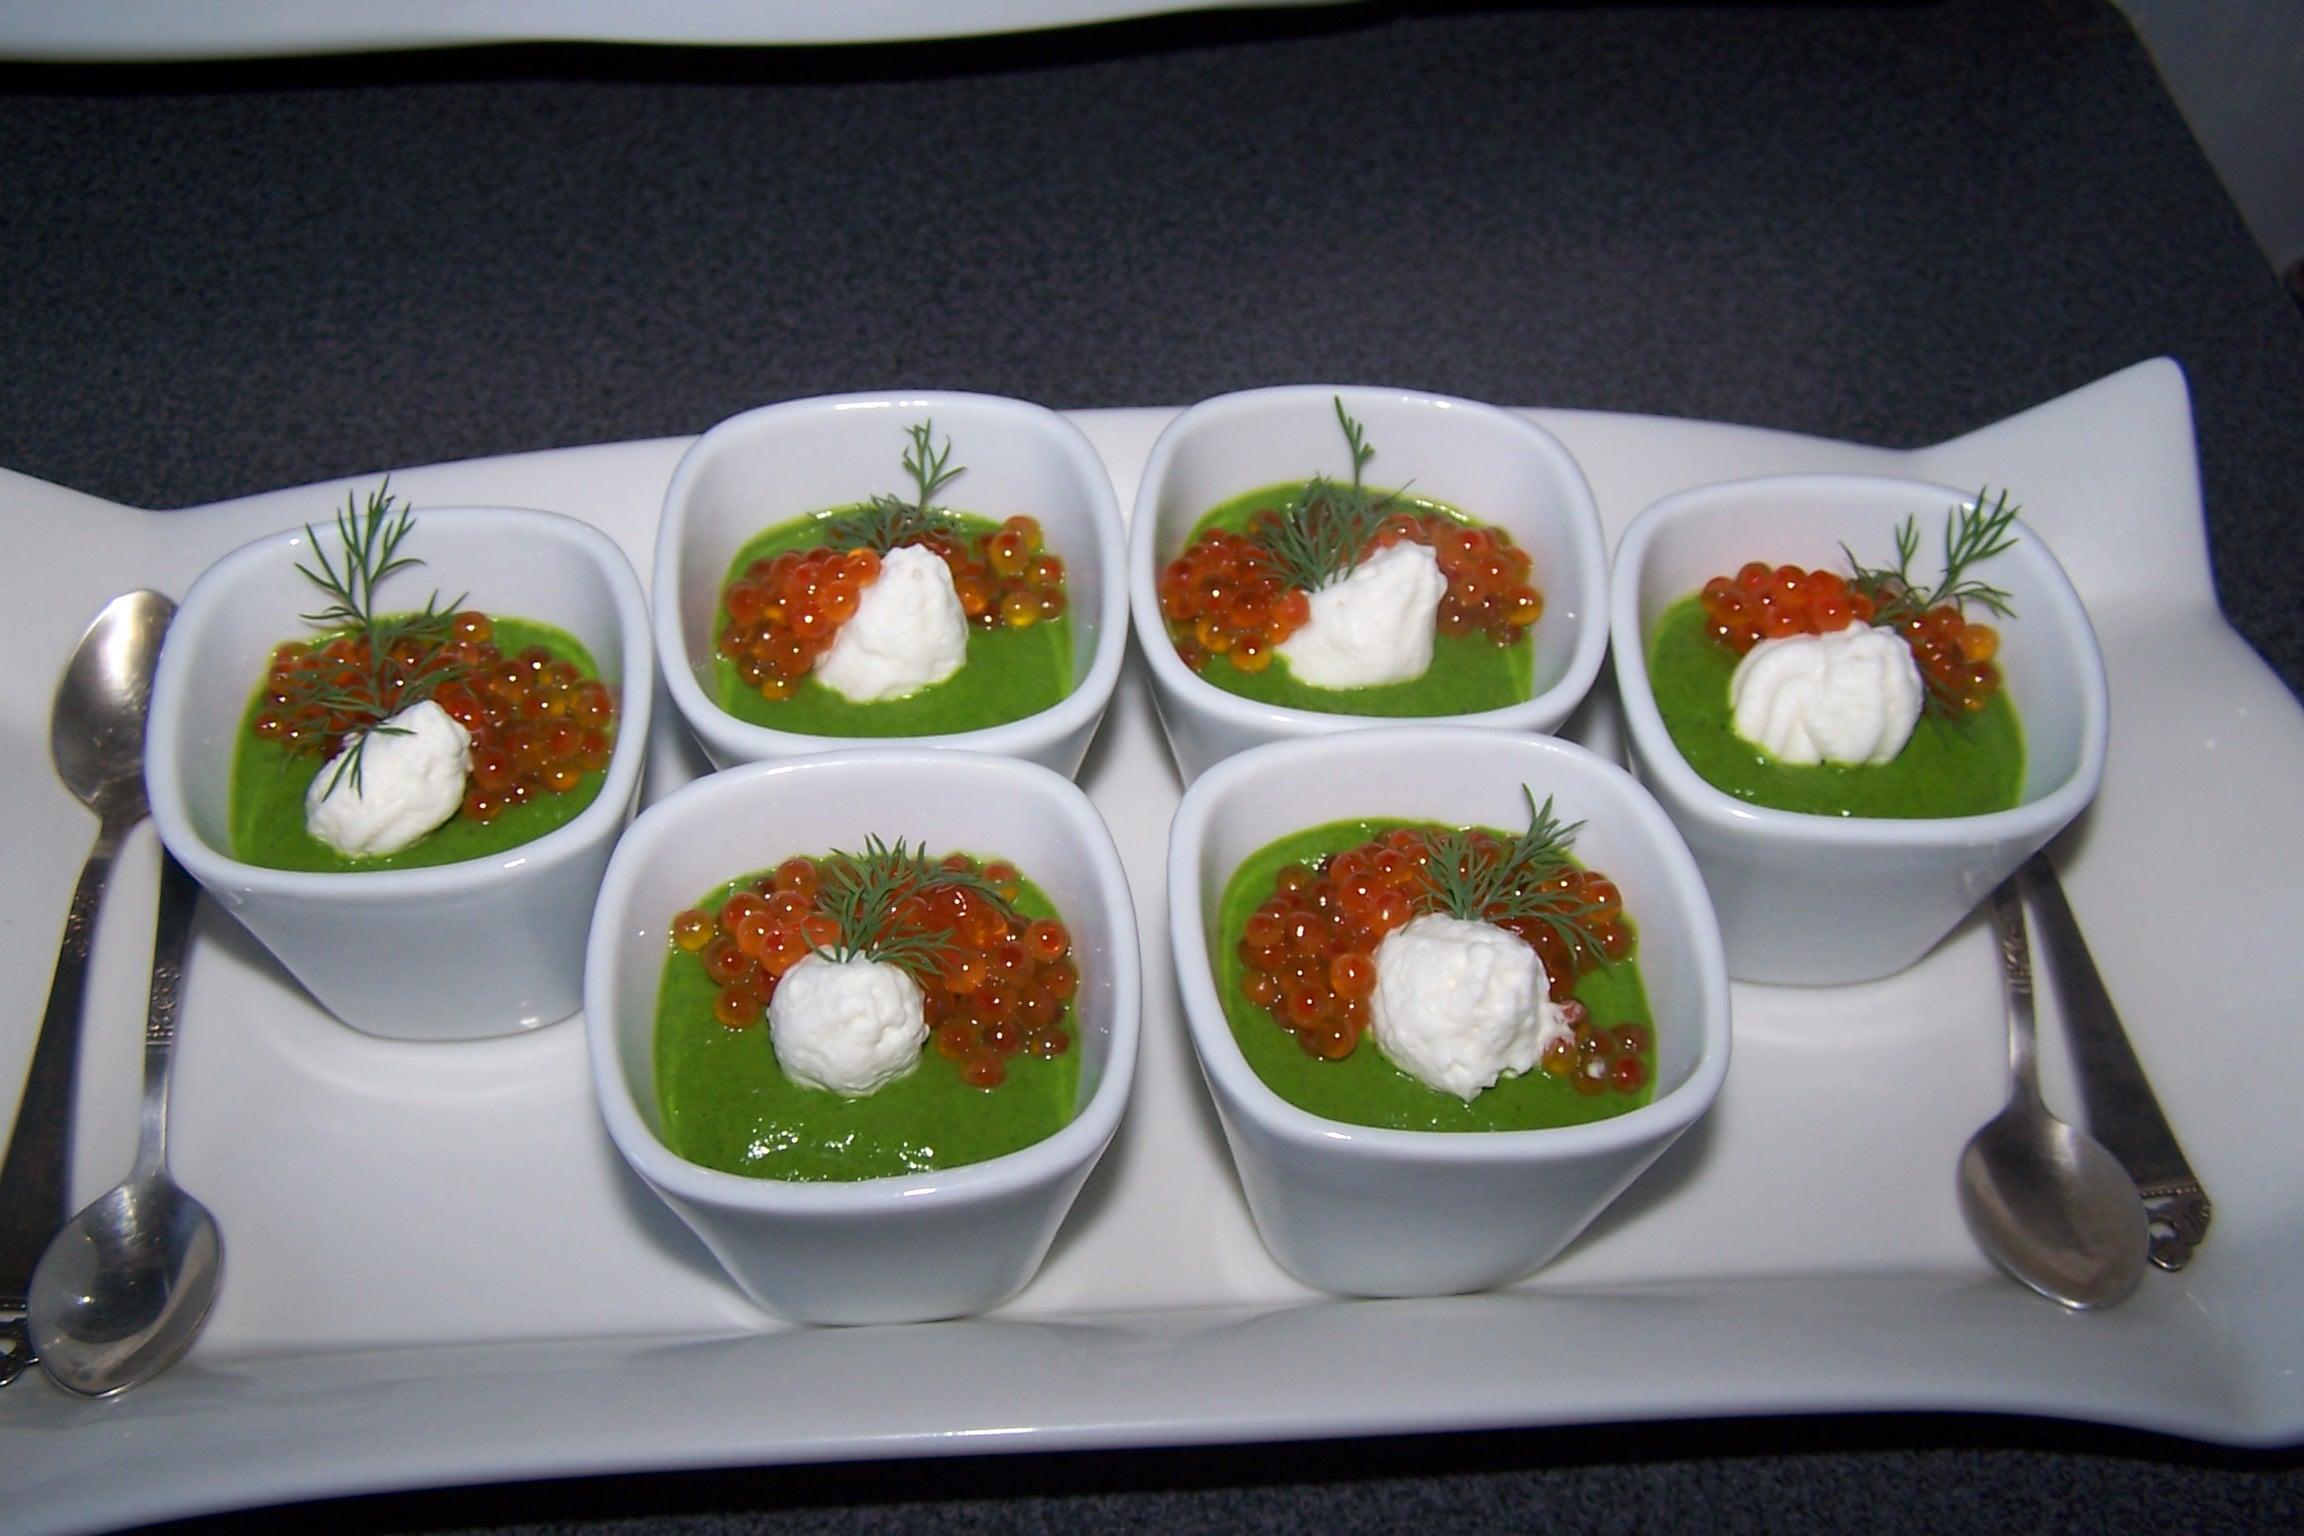 Maminou s cuisine et d coration amuse bouche verrines for Amuse bouche cuisine